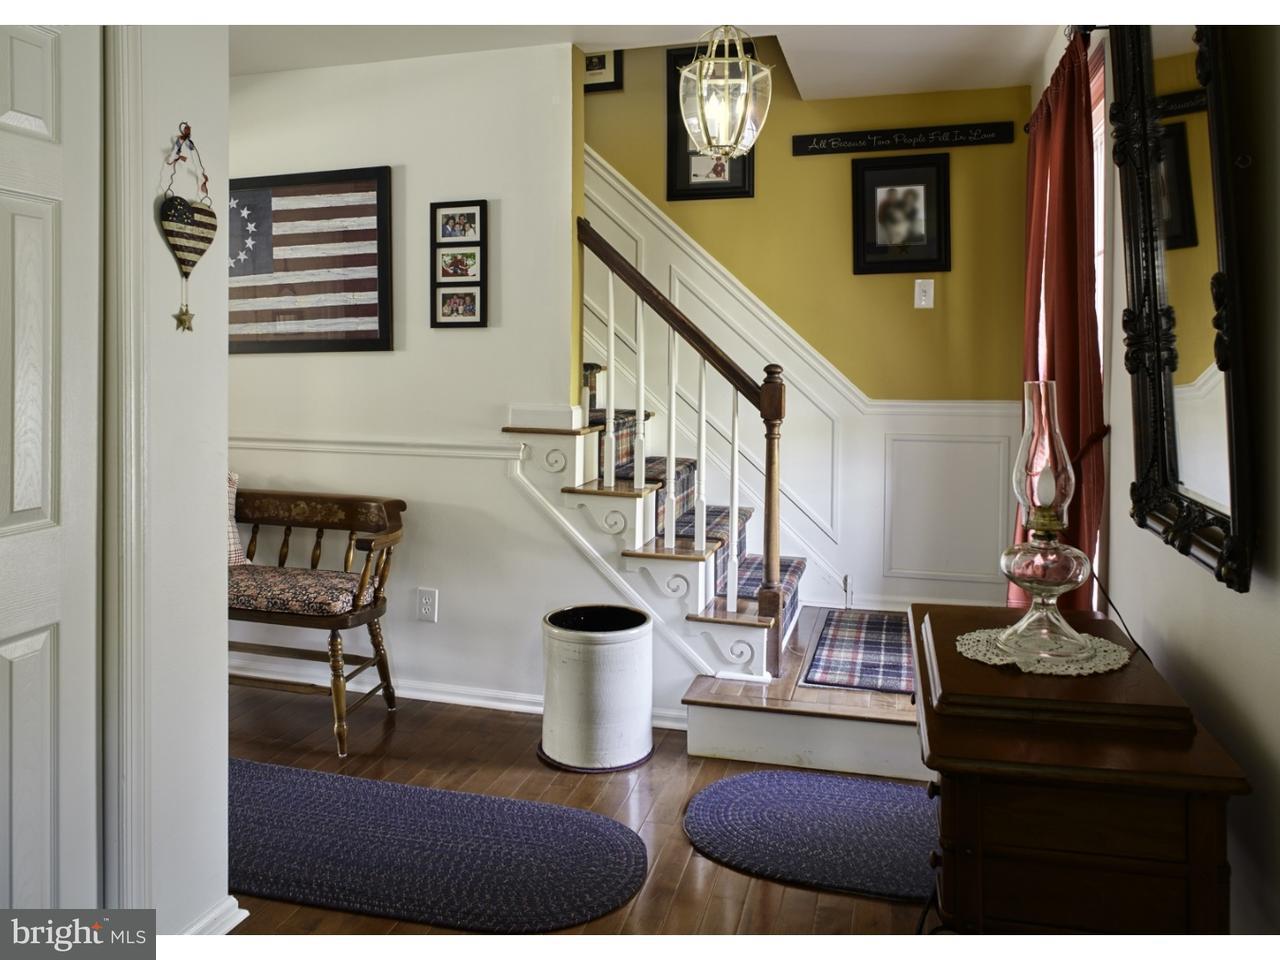 Single Family Home for Sale at 680 SUNNYSIDE Avenue Audubon, Pennsylvania 19403 United States